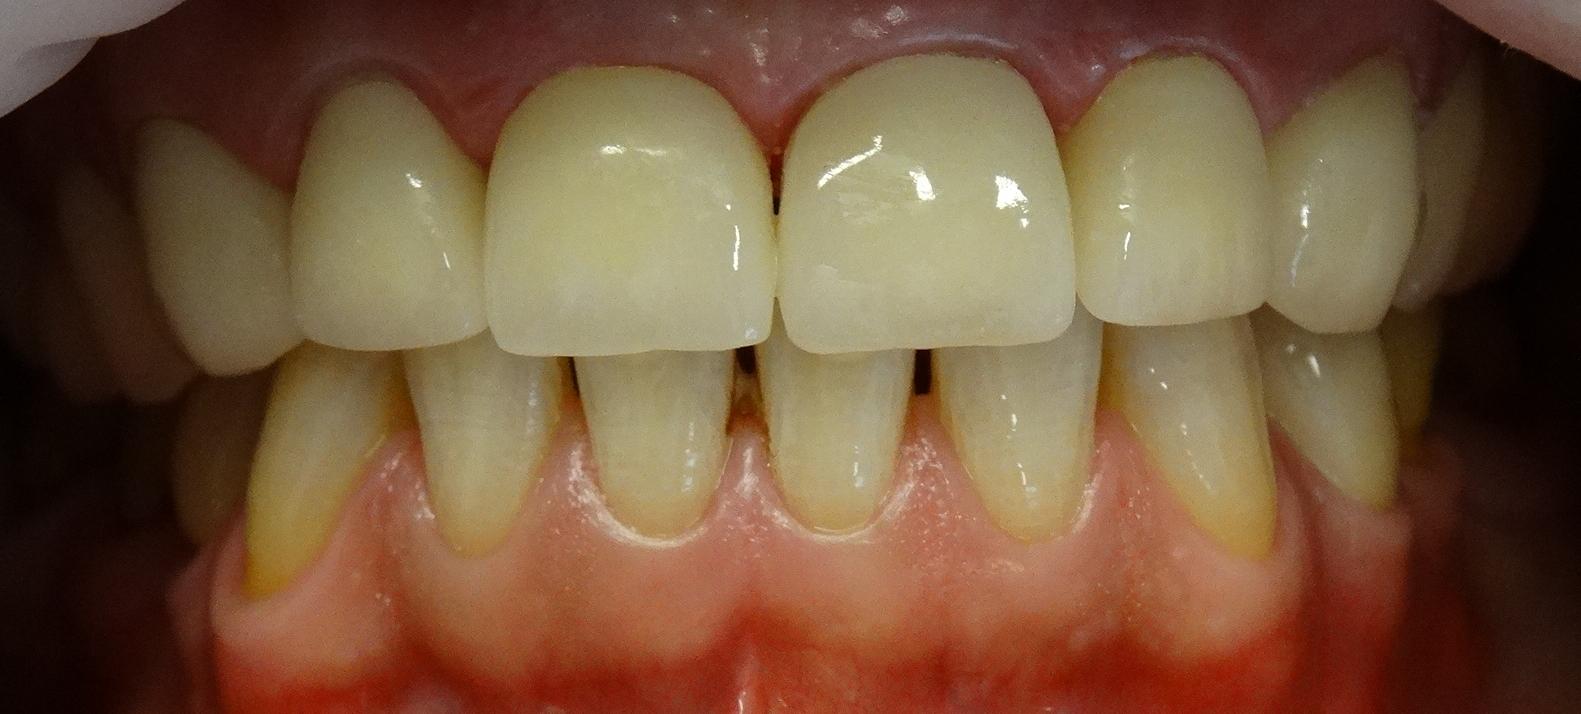 Oberkiefer nach der Zahnbehandlung